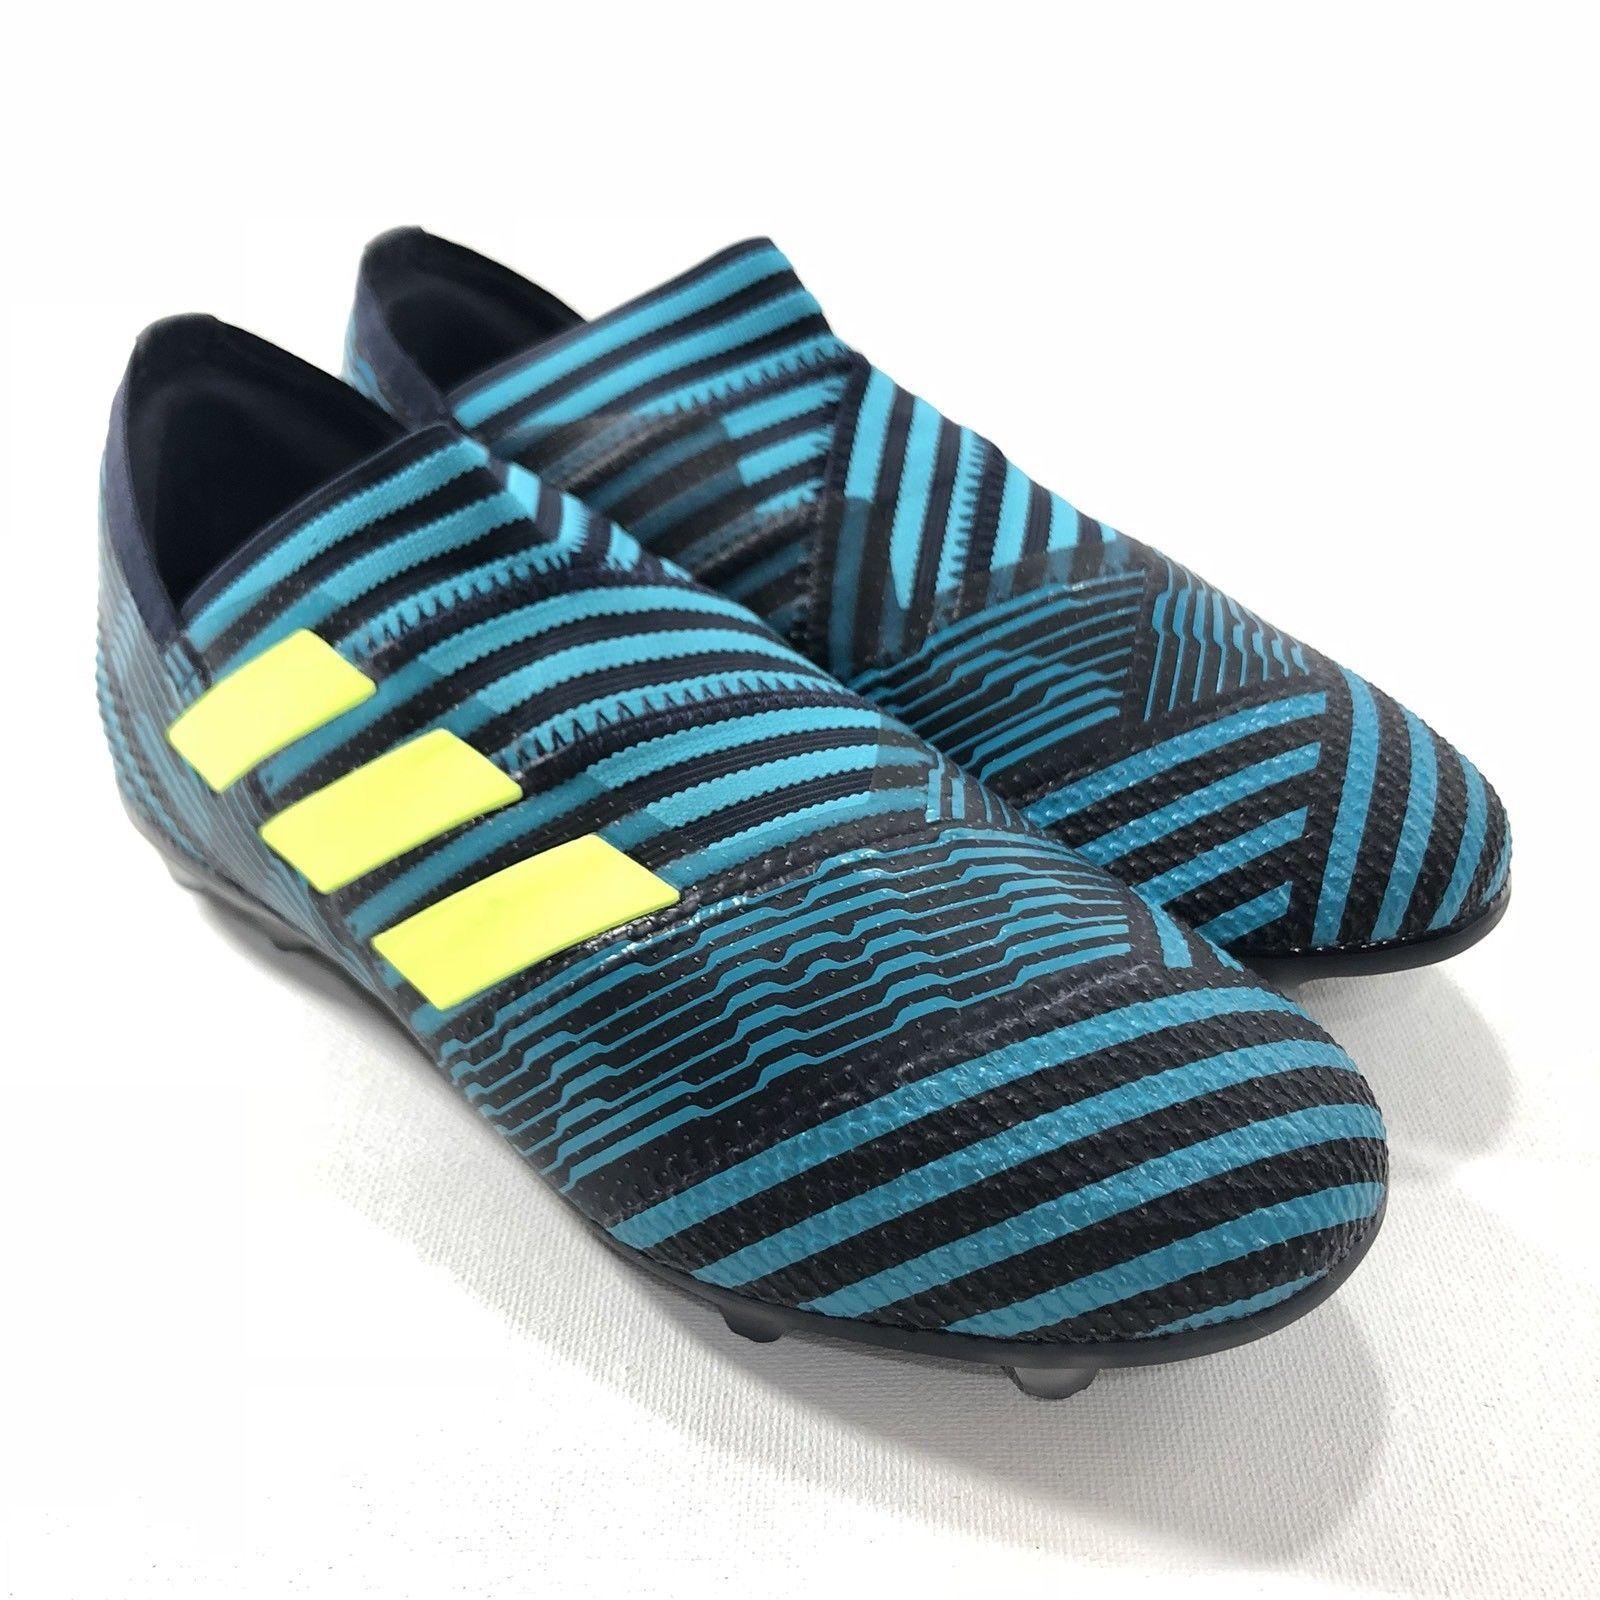 f68bd11e05e7 Details about Adidas Jr Nemeziz Messi 360 Agility FG Soccer Cleats S82411  Size 4.5Y Womens 6